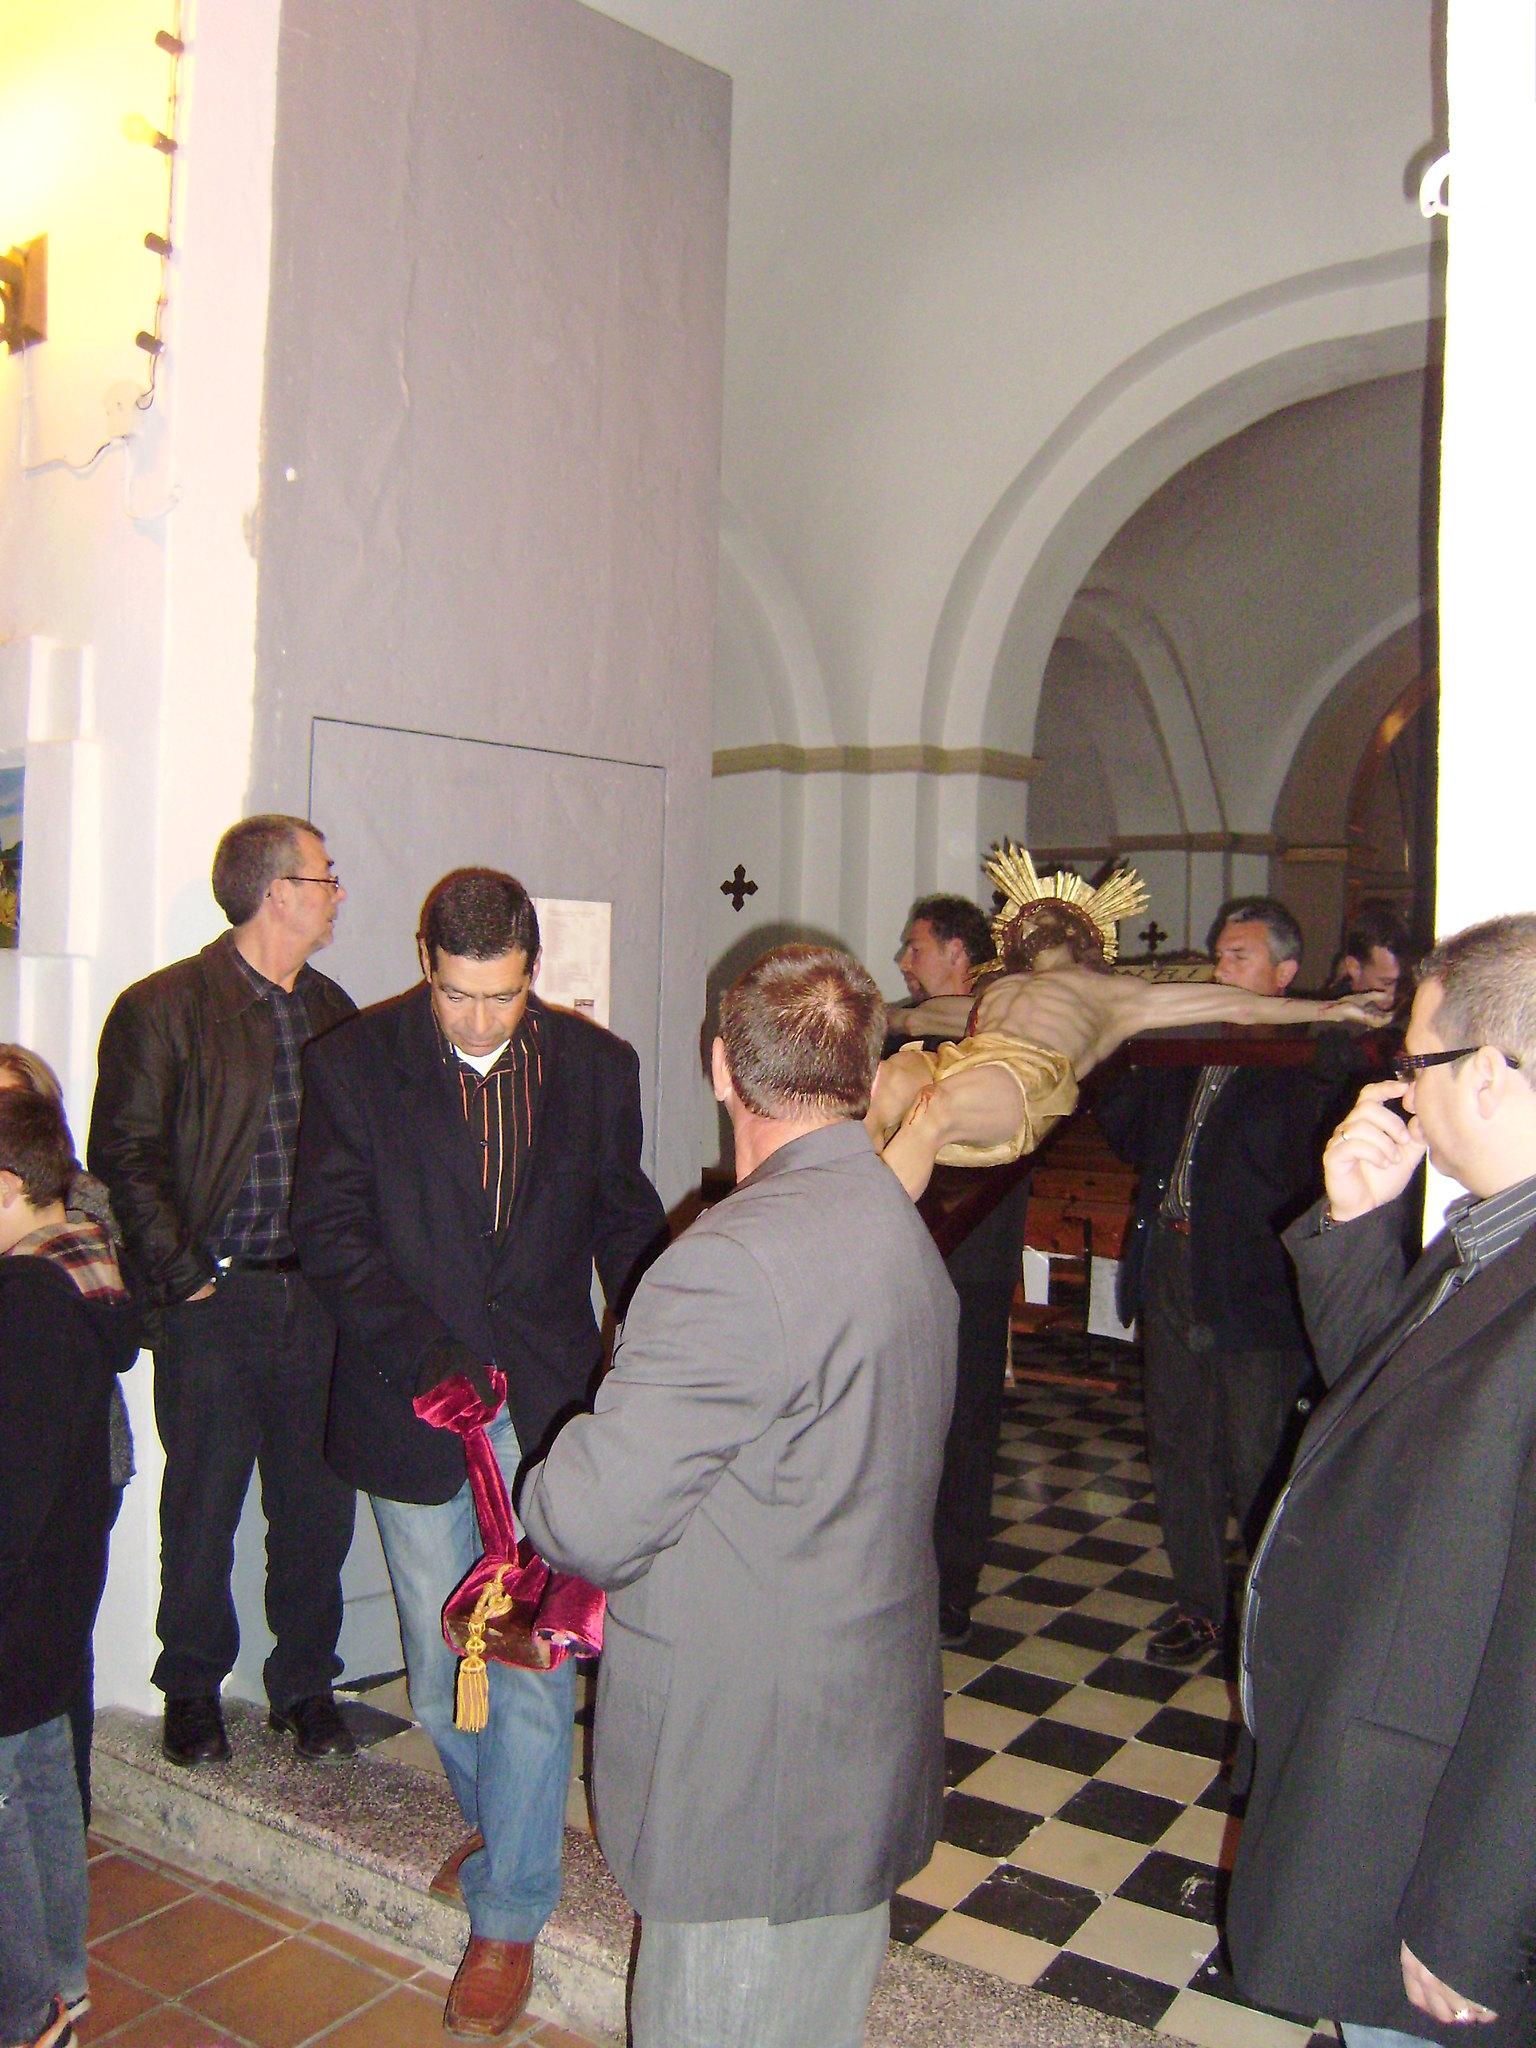 (2010-03-26) - I Vía Crucis nocturno - Javier Romero Ripoll - (01)